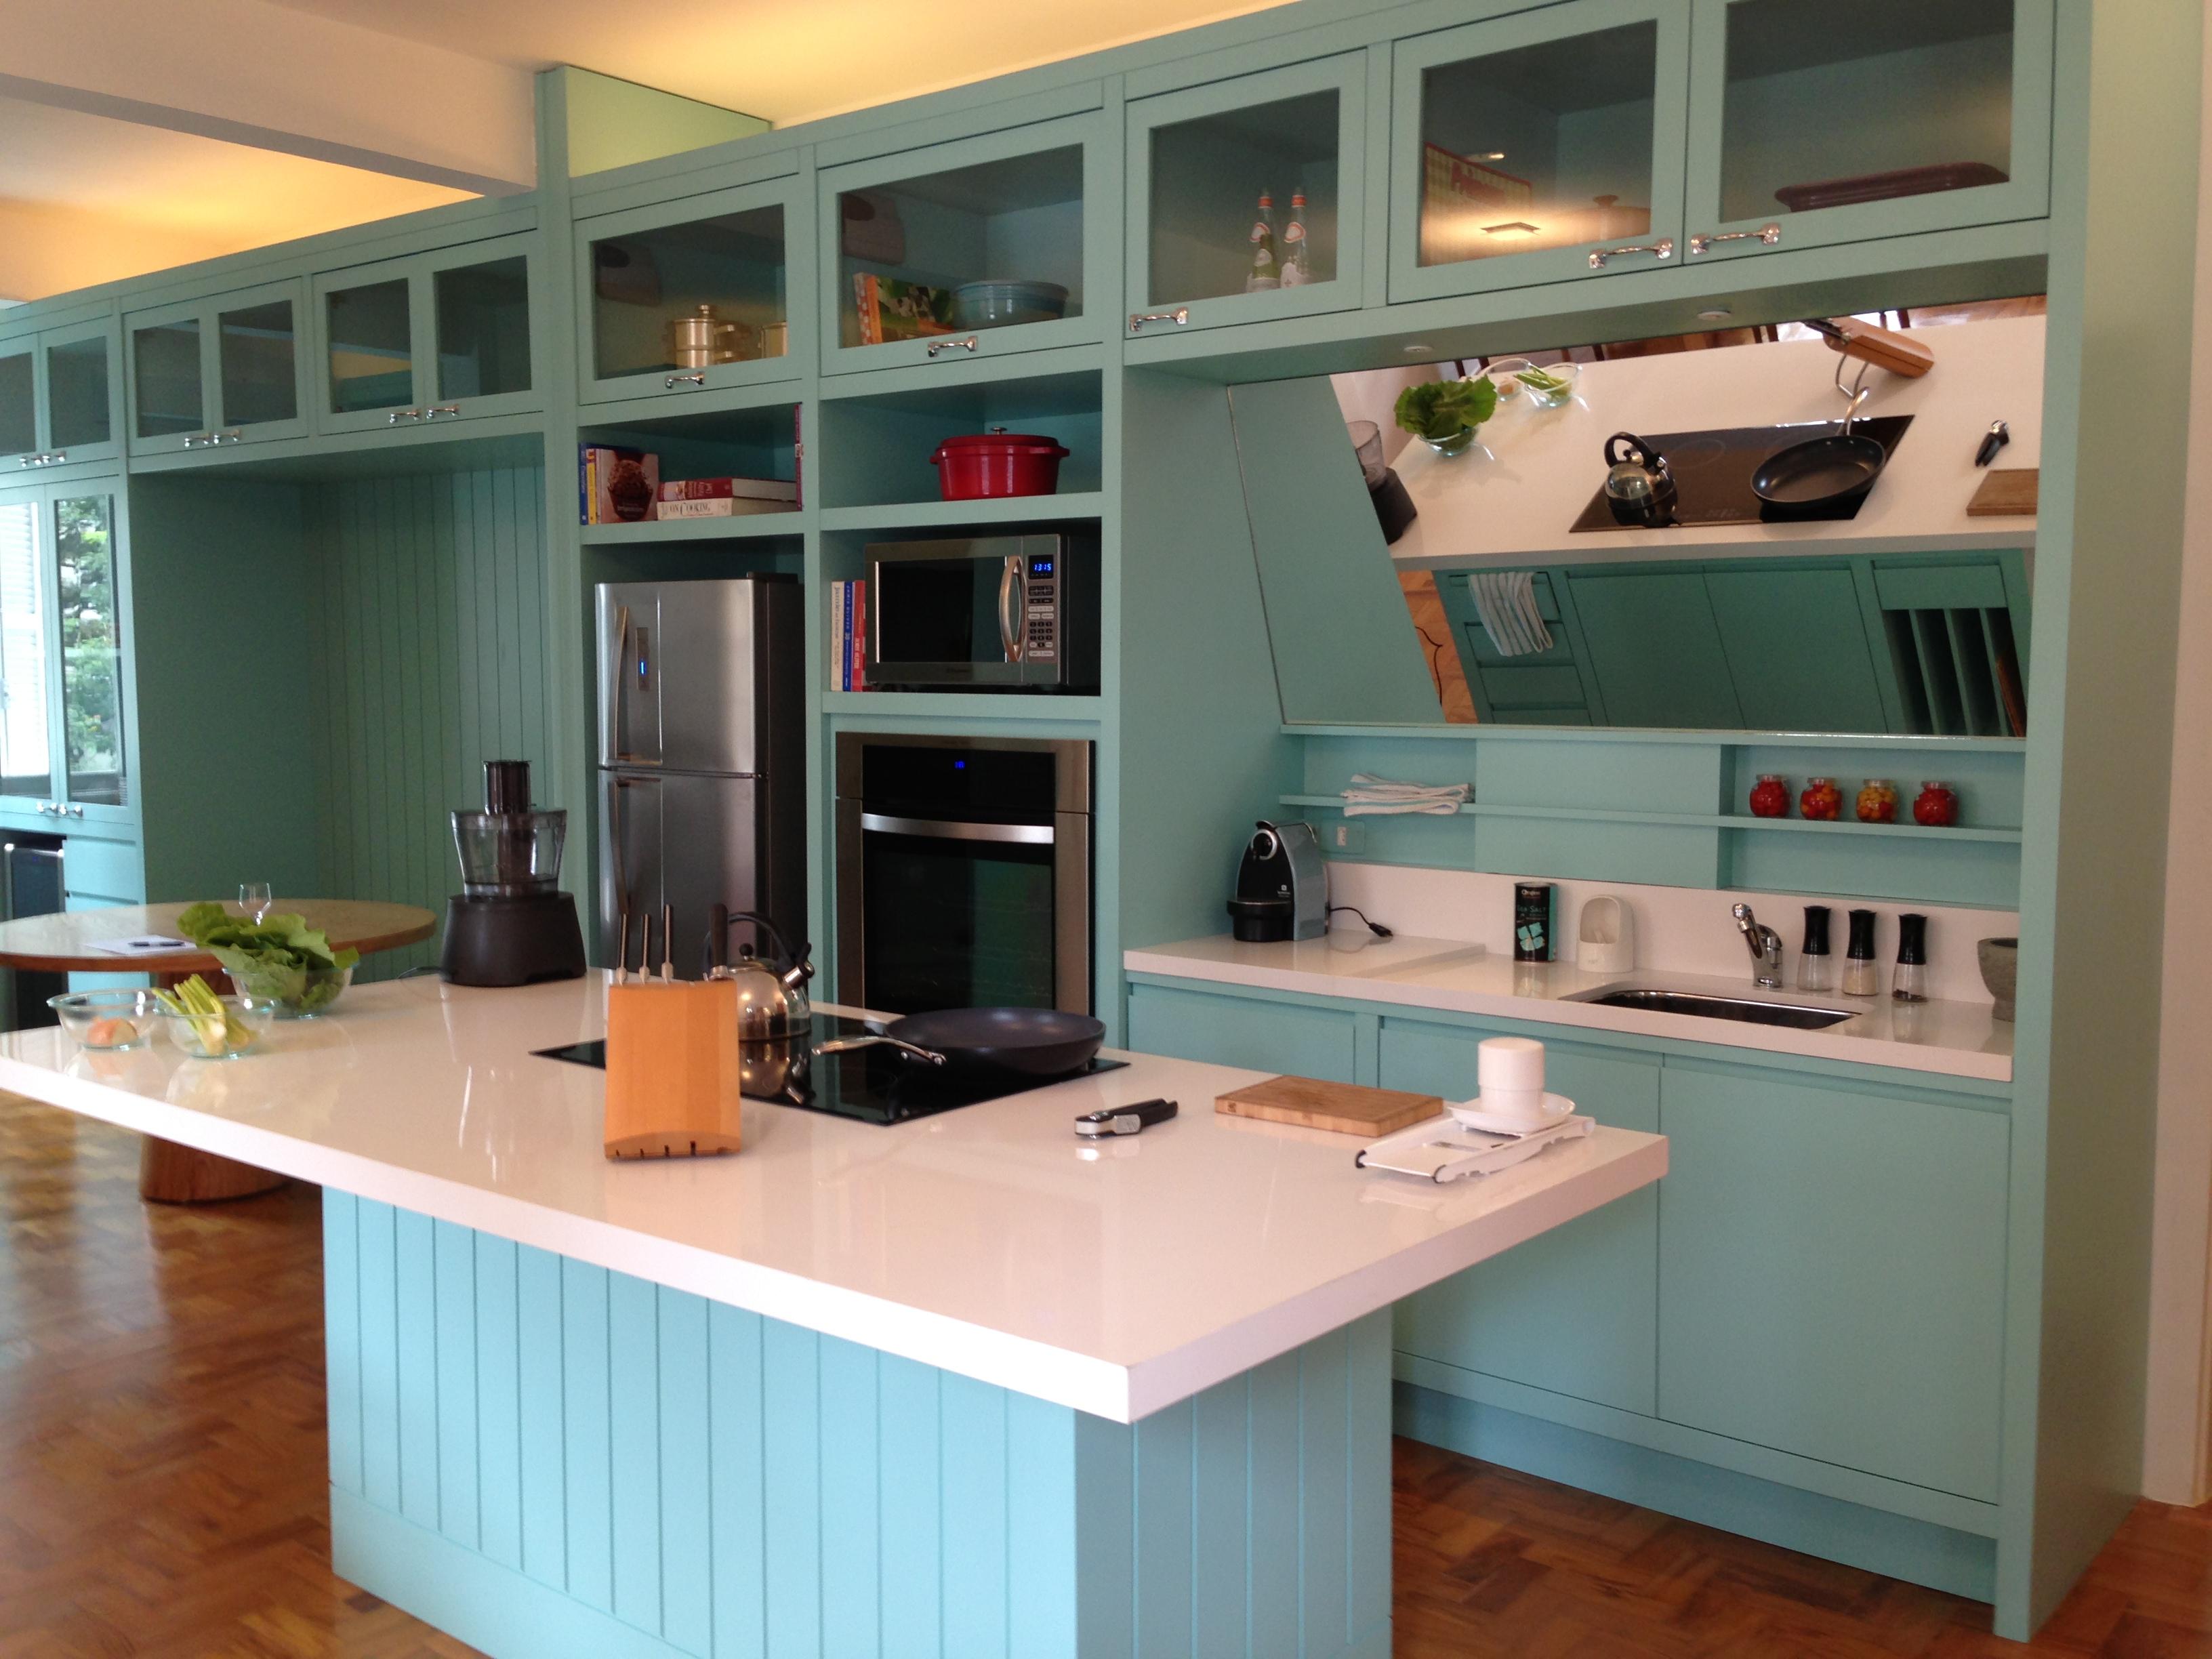 bancadas de granito fotos de cozinhas americanas cozinha Quotes #A1692A 3264 2448